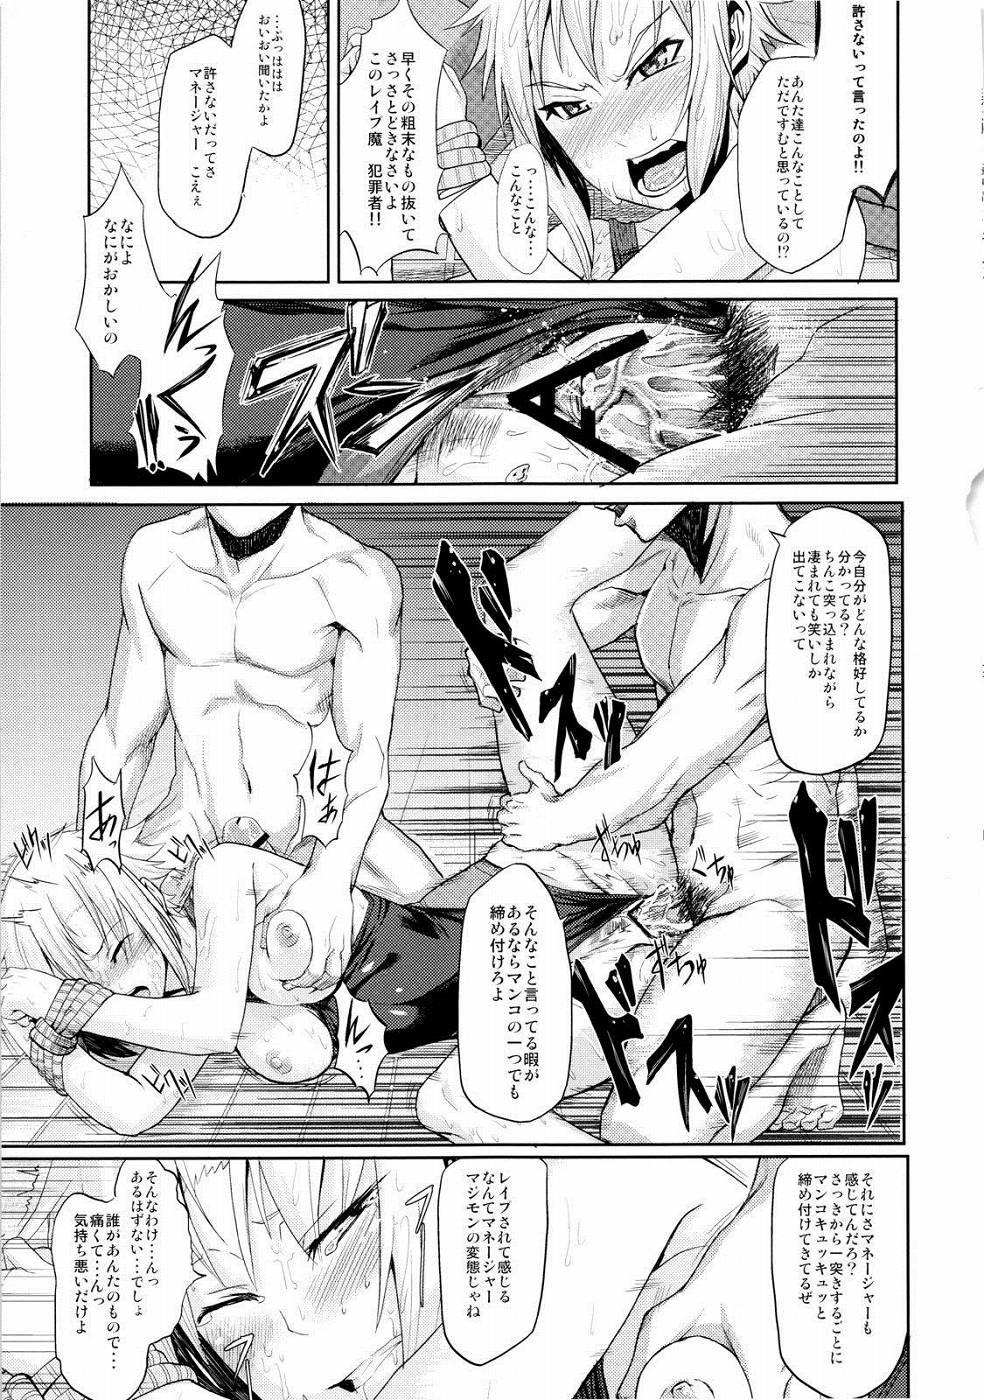 生意気なマネジャーを水着のまま犯す悪三人組ww【エロ同人誌・オリジナル/C83】